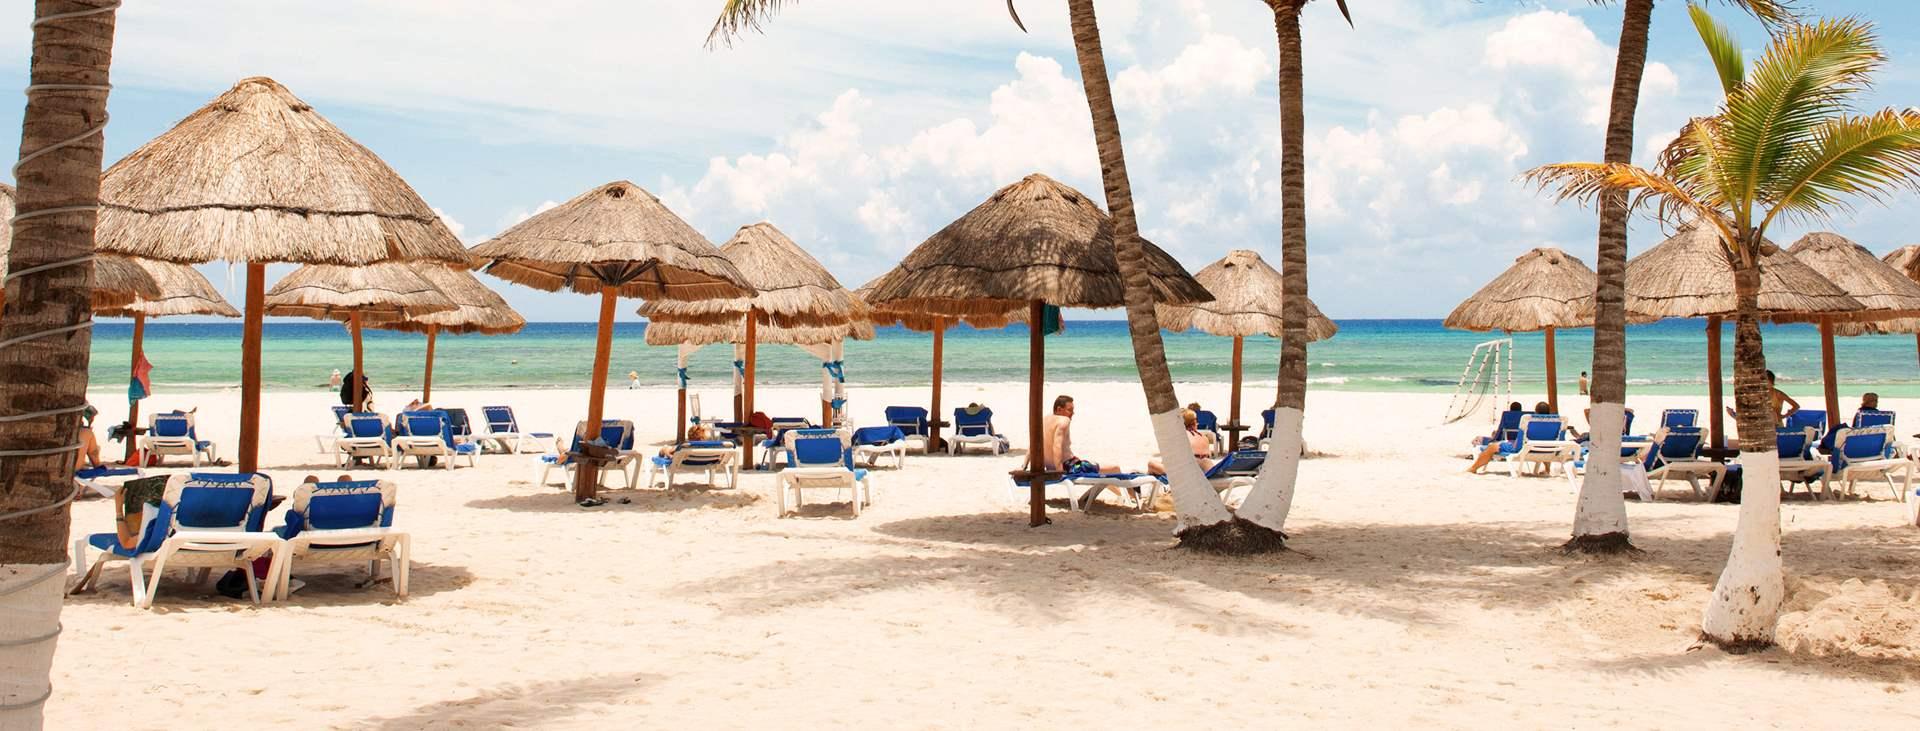 Boka en resa till Mexiko med Ving